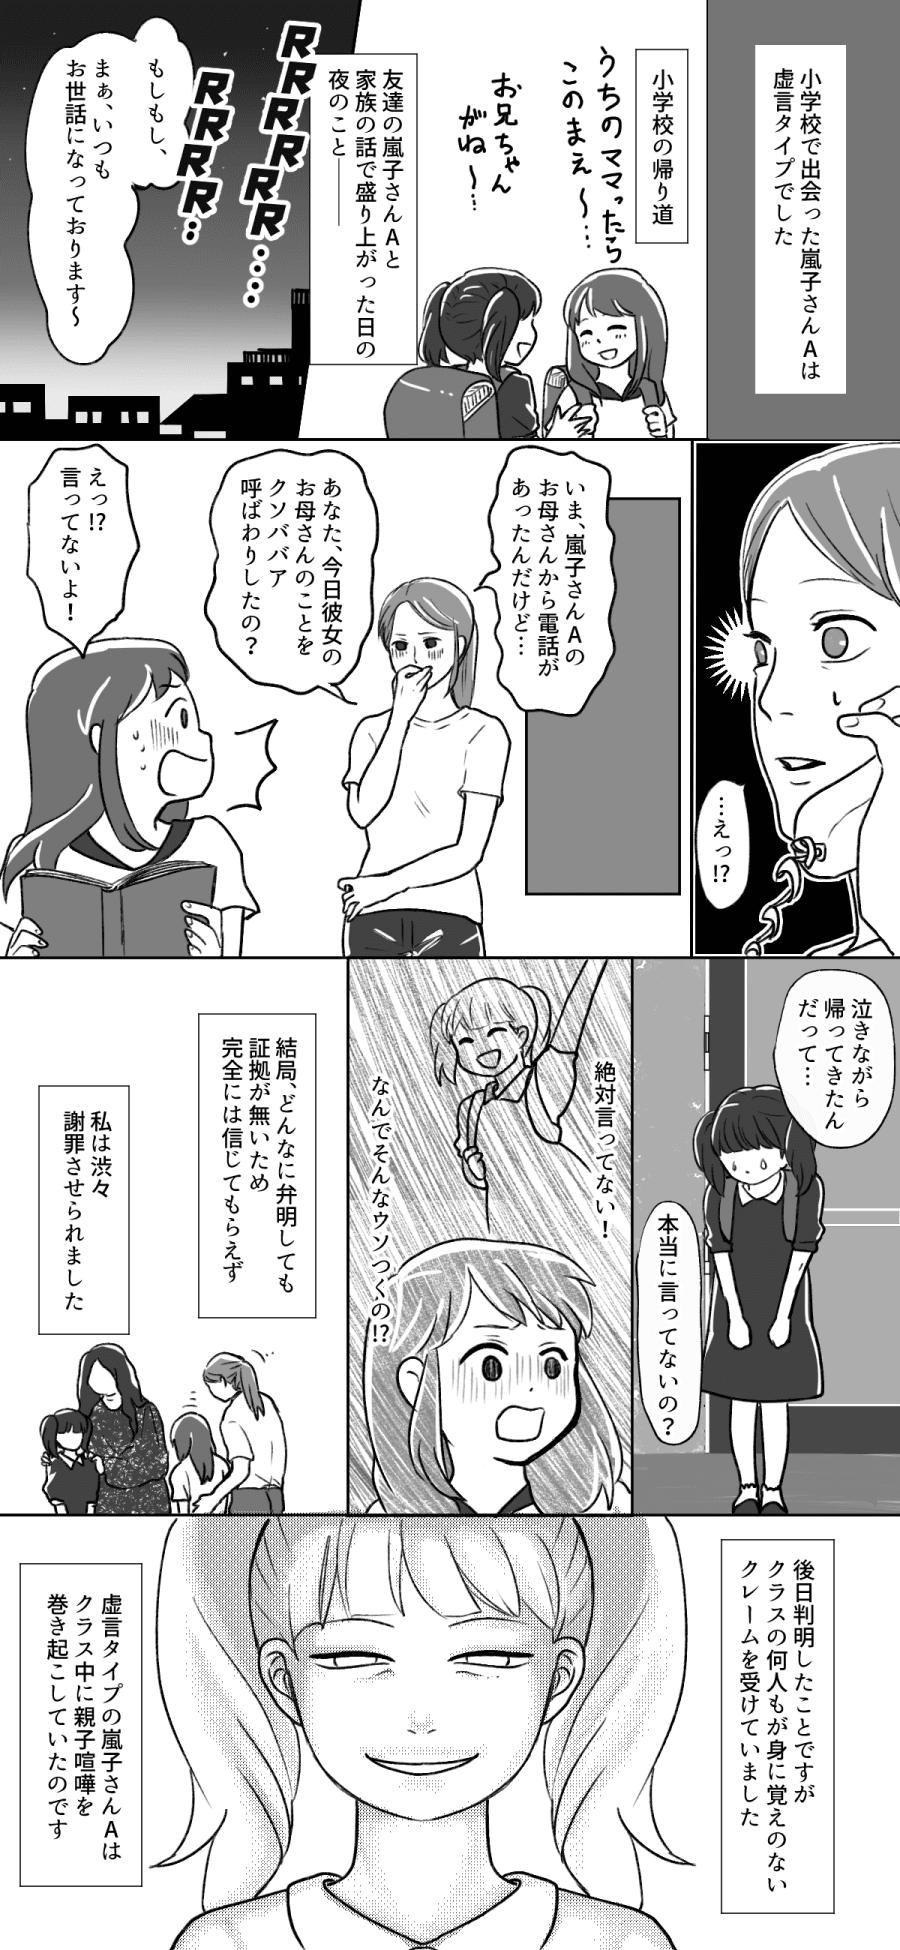 嵐子さん2